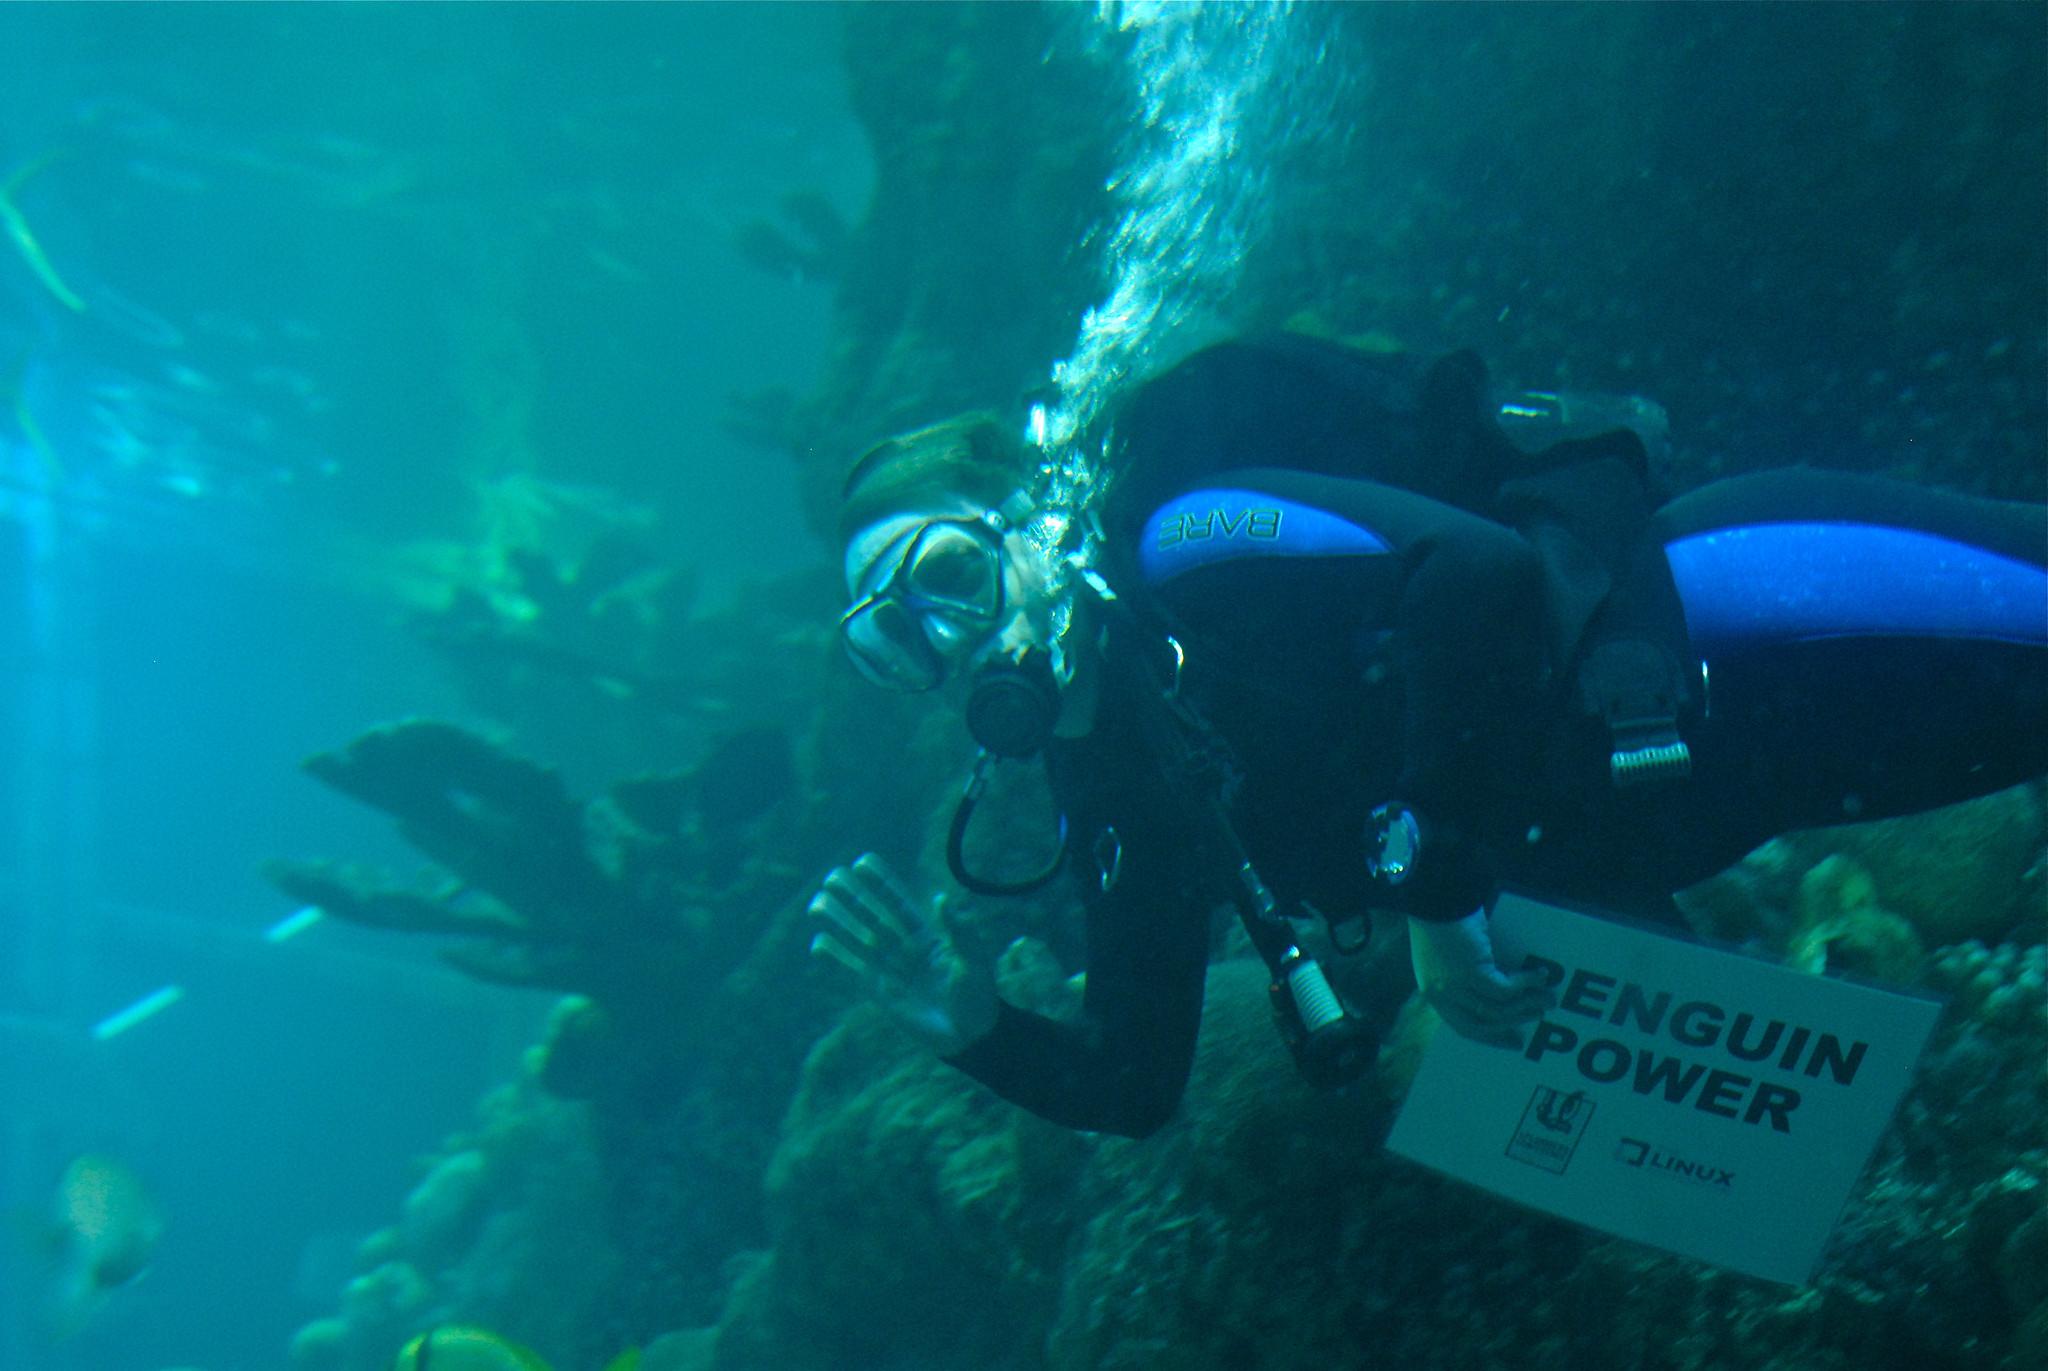 Linus diving